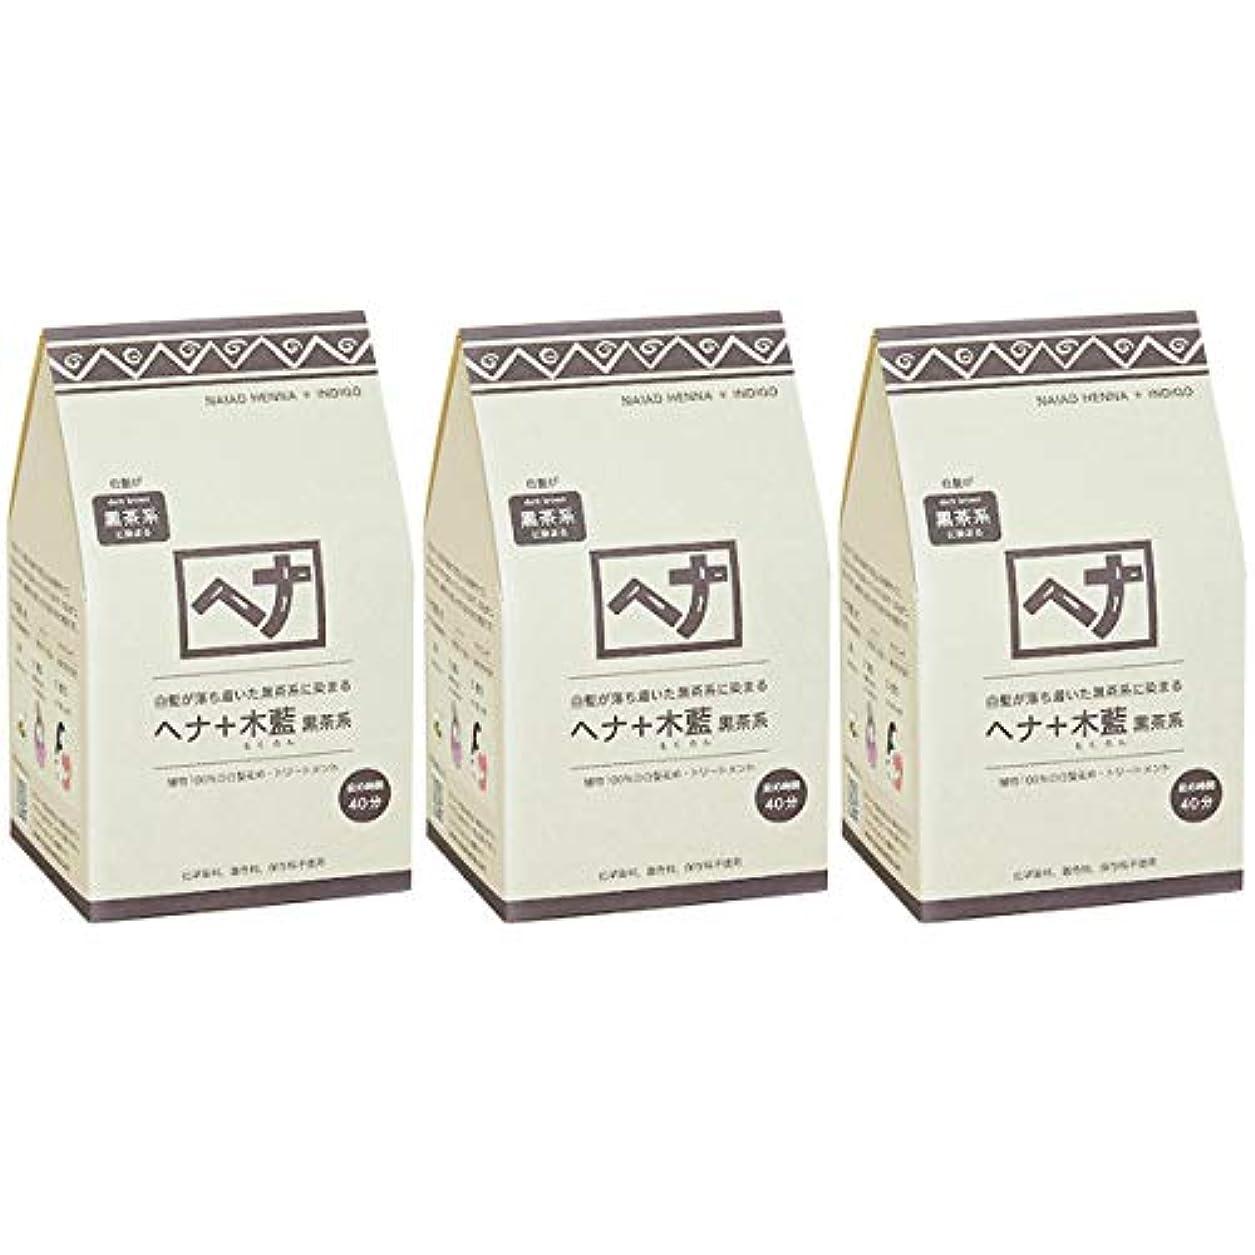 刈る第二統治するナイアード ヘナ + 木藍 黒茶系 白髪が落ち着いた黒茶系に染まる 400g 3個セット